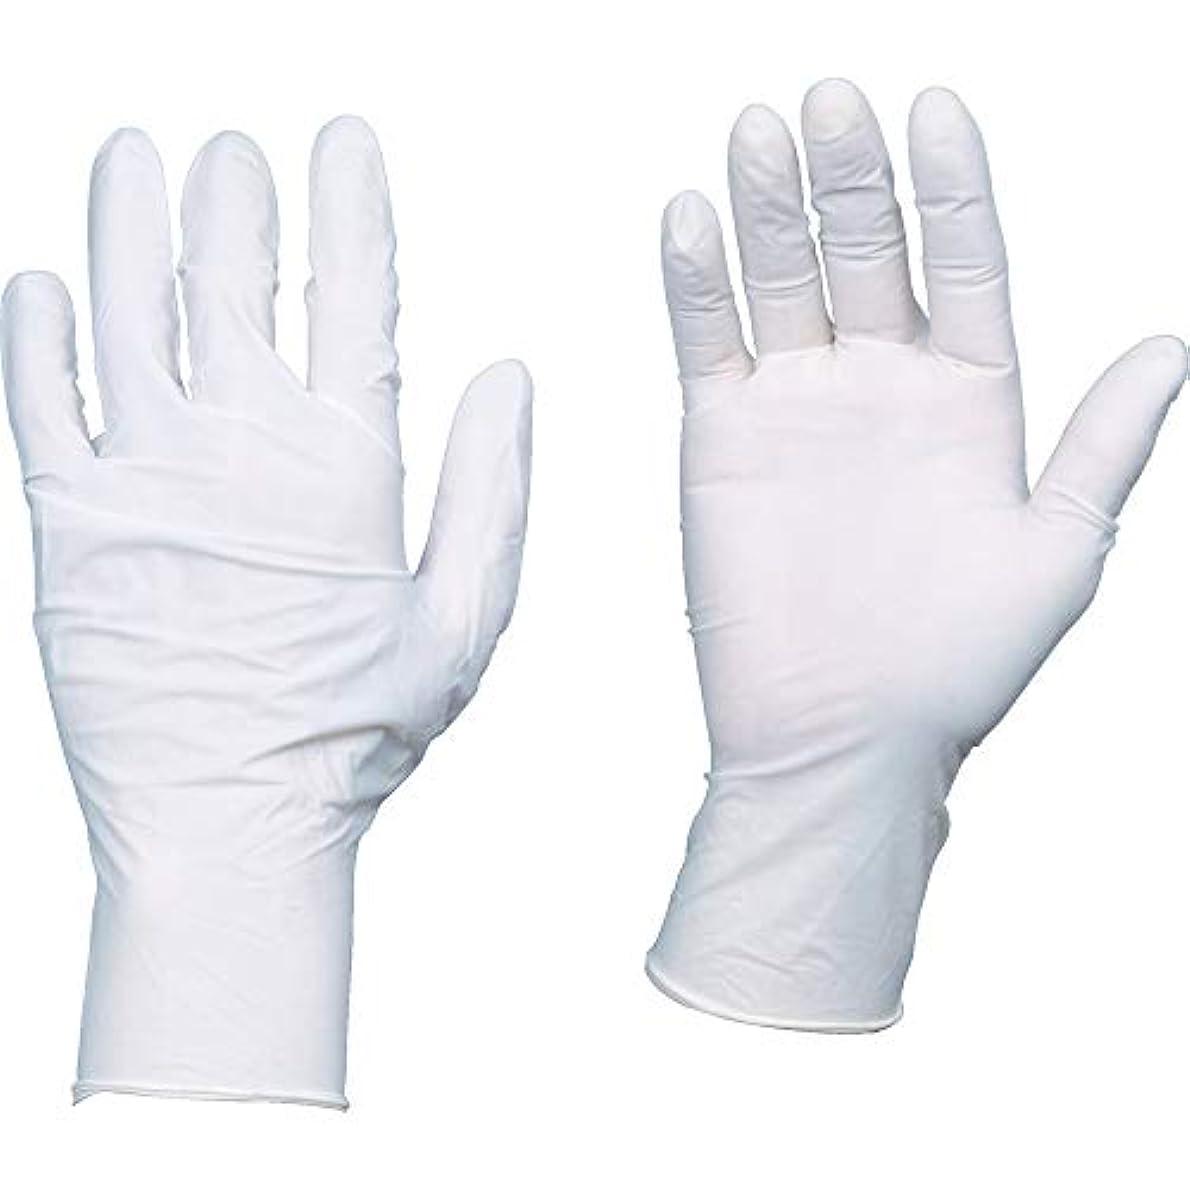 誘発する寺院パンダTRUSCO(トラスコ) 10箱入り 使い捨て天然ゴム手袋TGワーク 0.10 粉付白M TGPL10WM10C